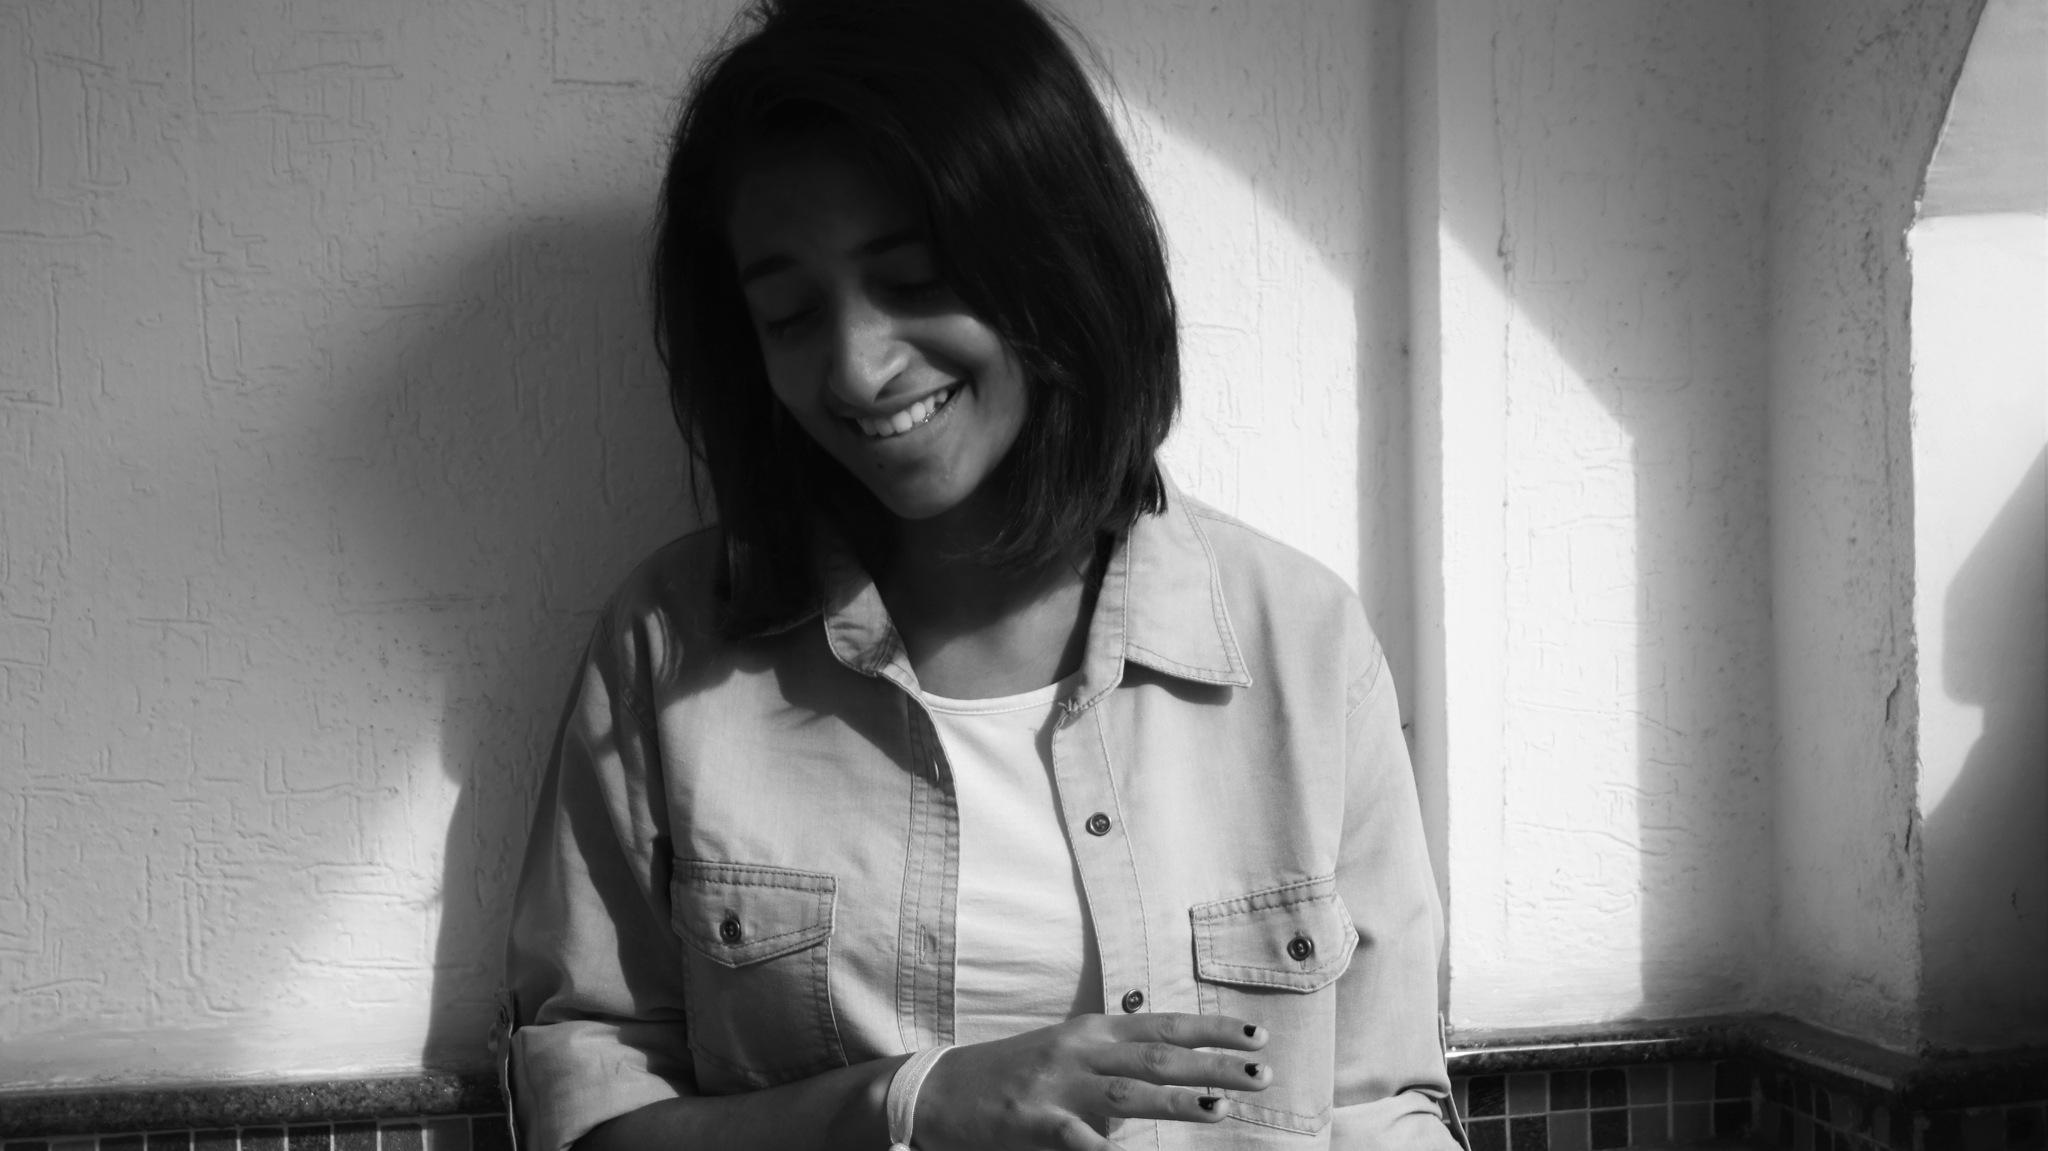 Dancing Sunlight  by Arundhathi Narayan